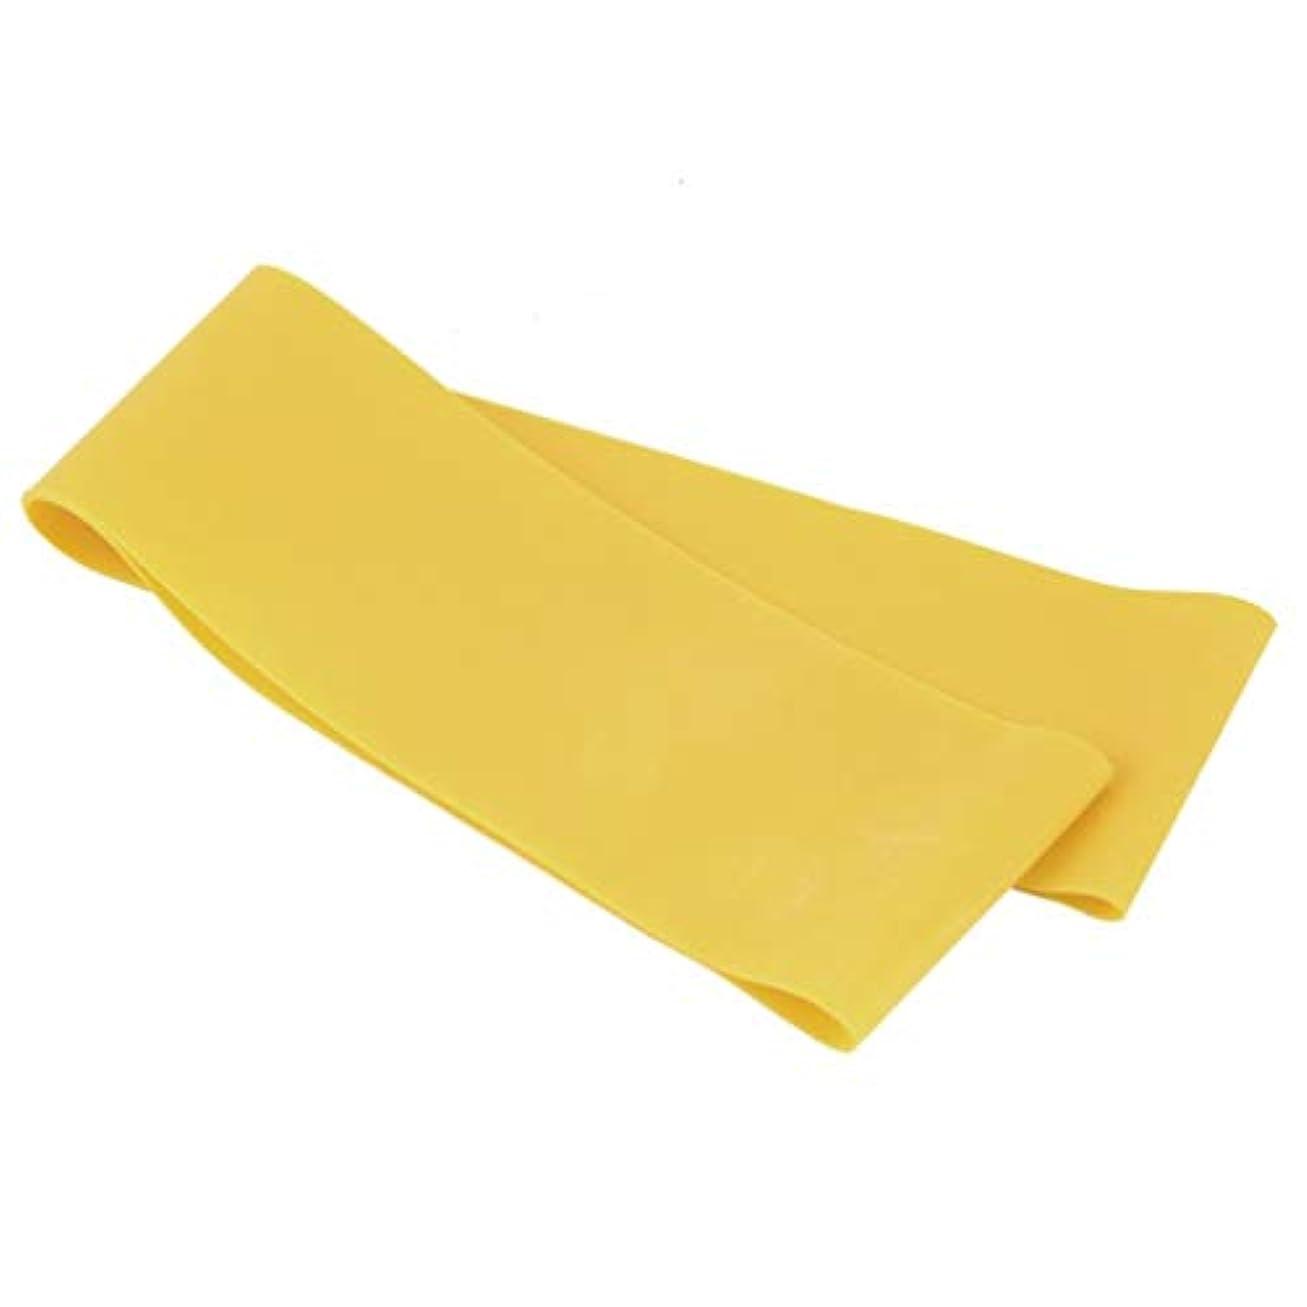 ピストン調査拒否滑り止めの伸縮性のあるゴム製伸縮性があるヨガのベルトバンド引きロープの張力抵抗バンドループ強さのためのフィットネスヨガツール - 黄色